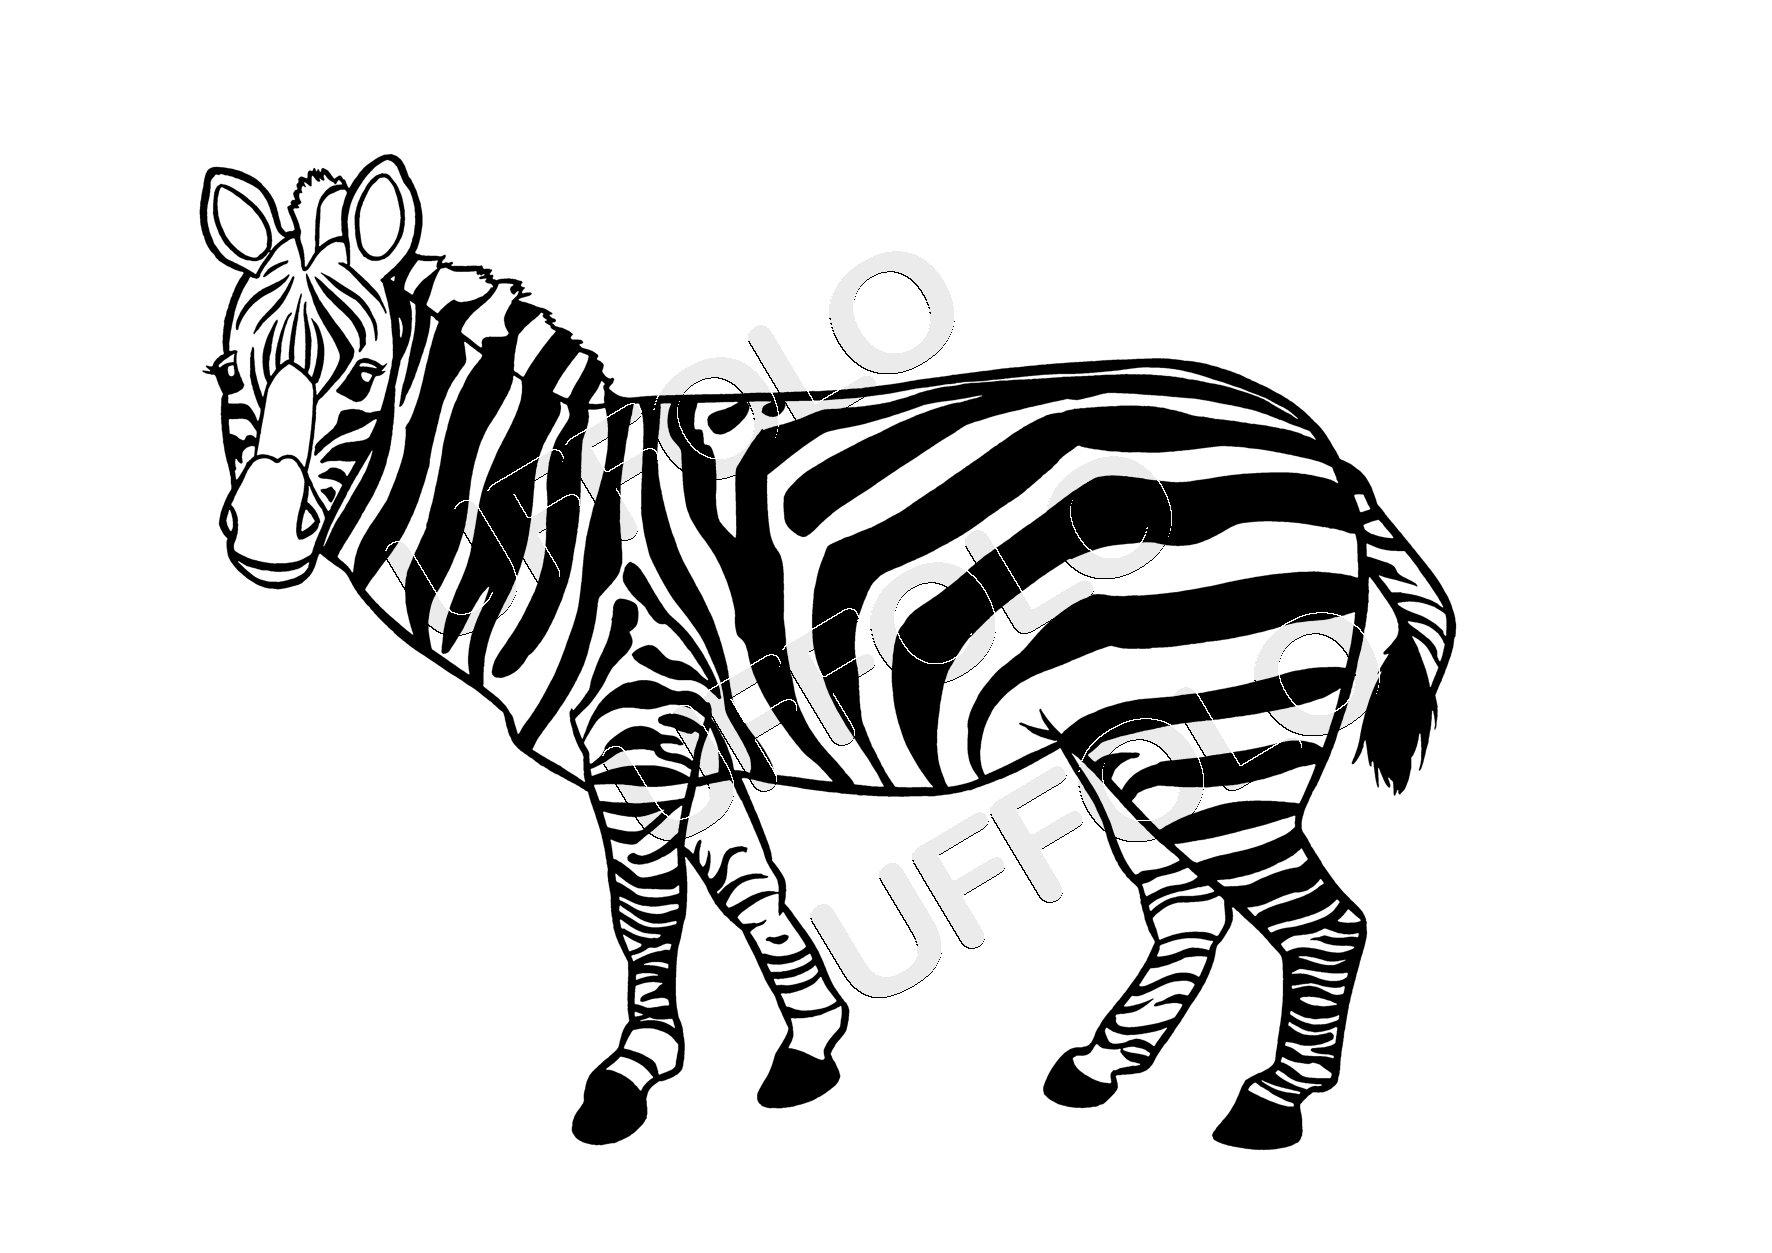 Disegni Di Animali Africani Uffolo